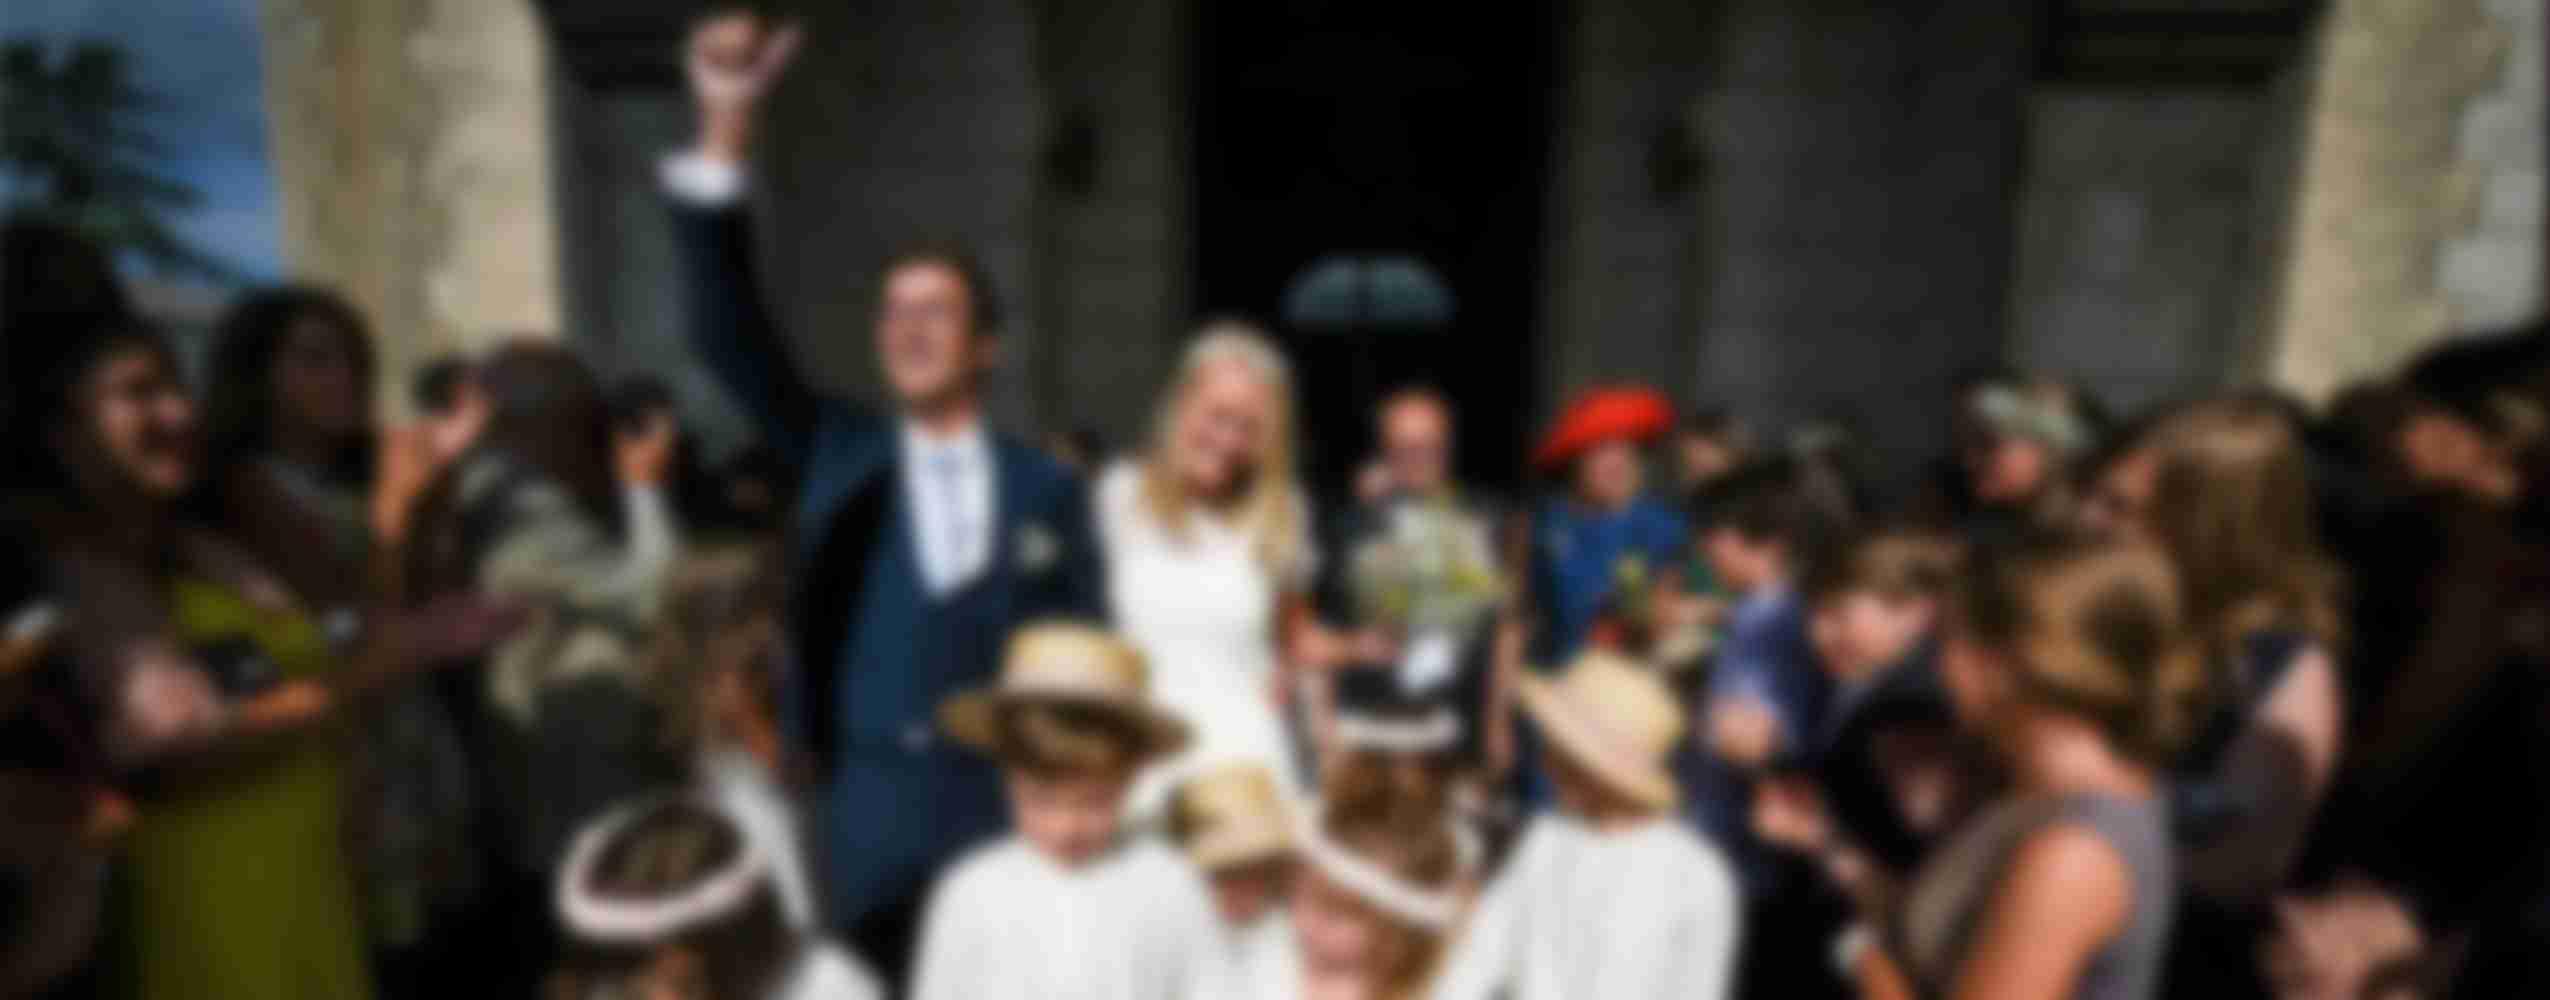 Marié heureux qui lève le pouce en costume bleu 3 pièces sur mesure devant l'église